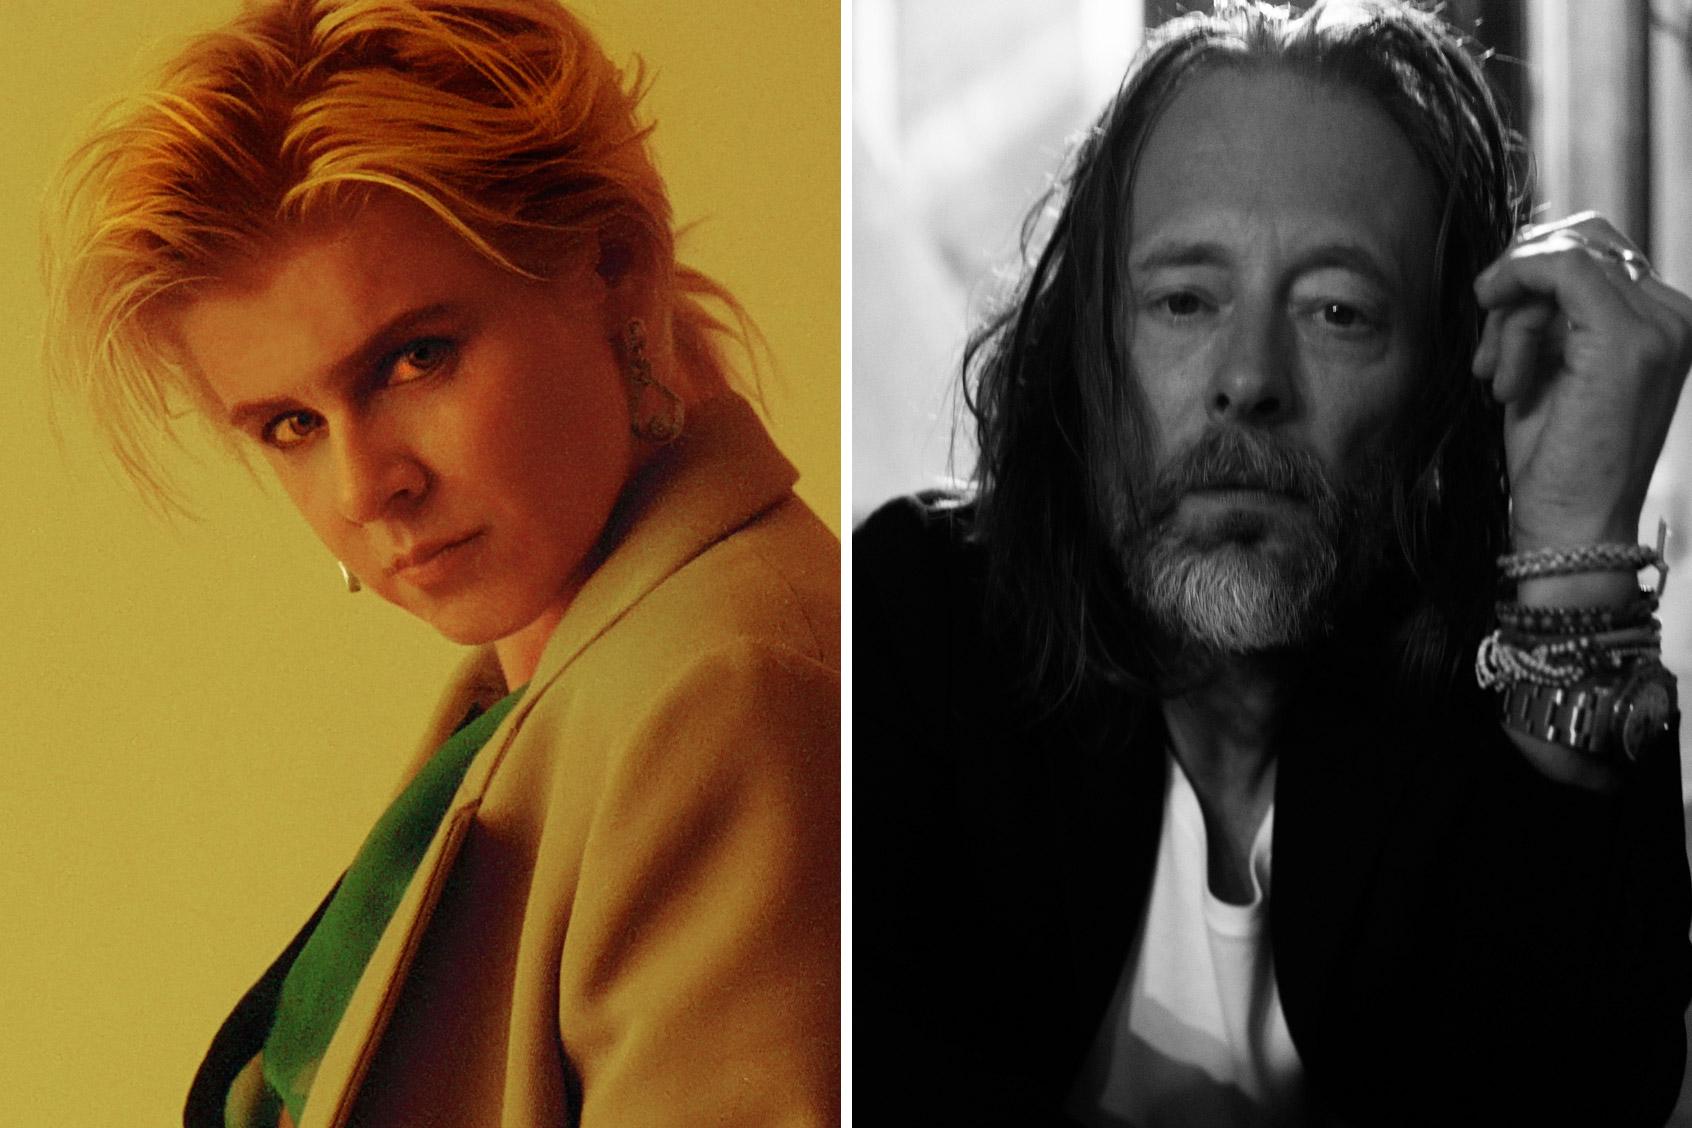 15 New Albums to Stream Now: Robyn, Thom Yorke, Joji and